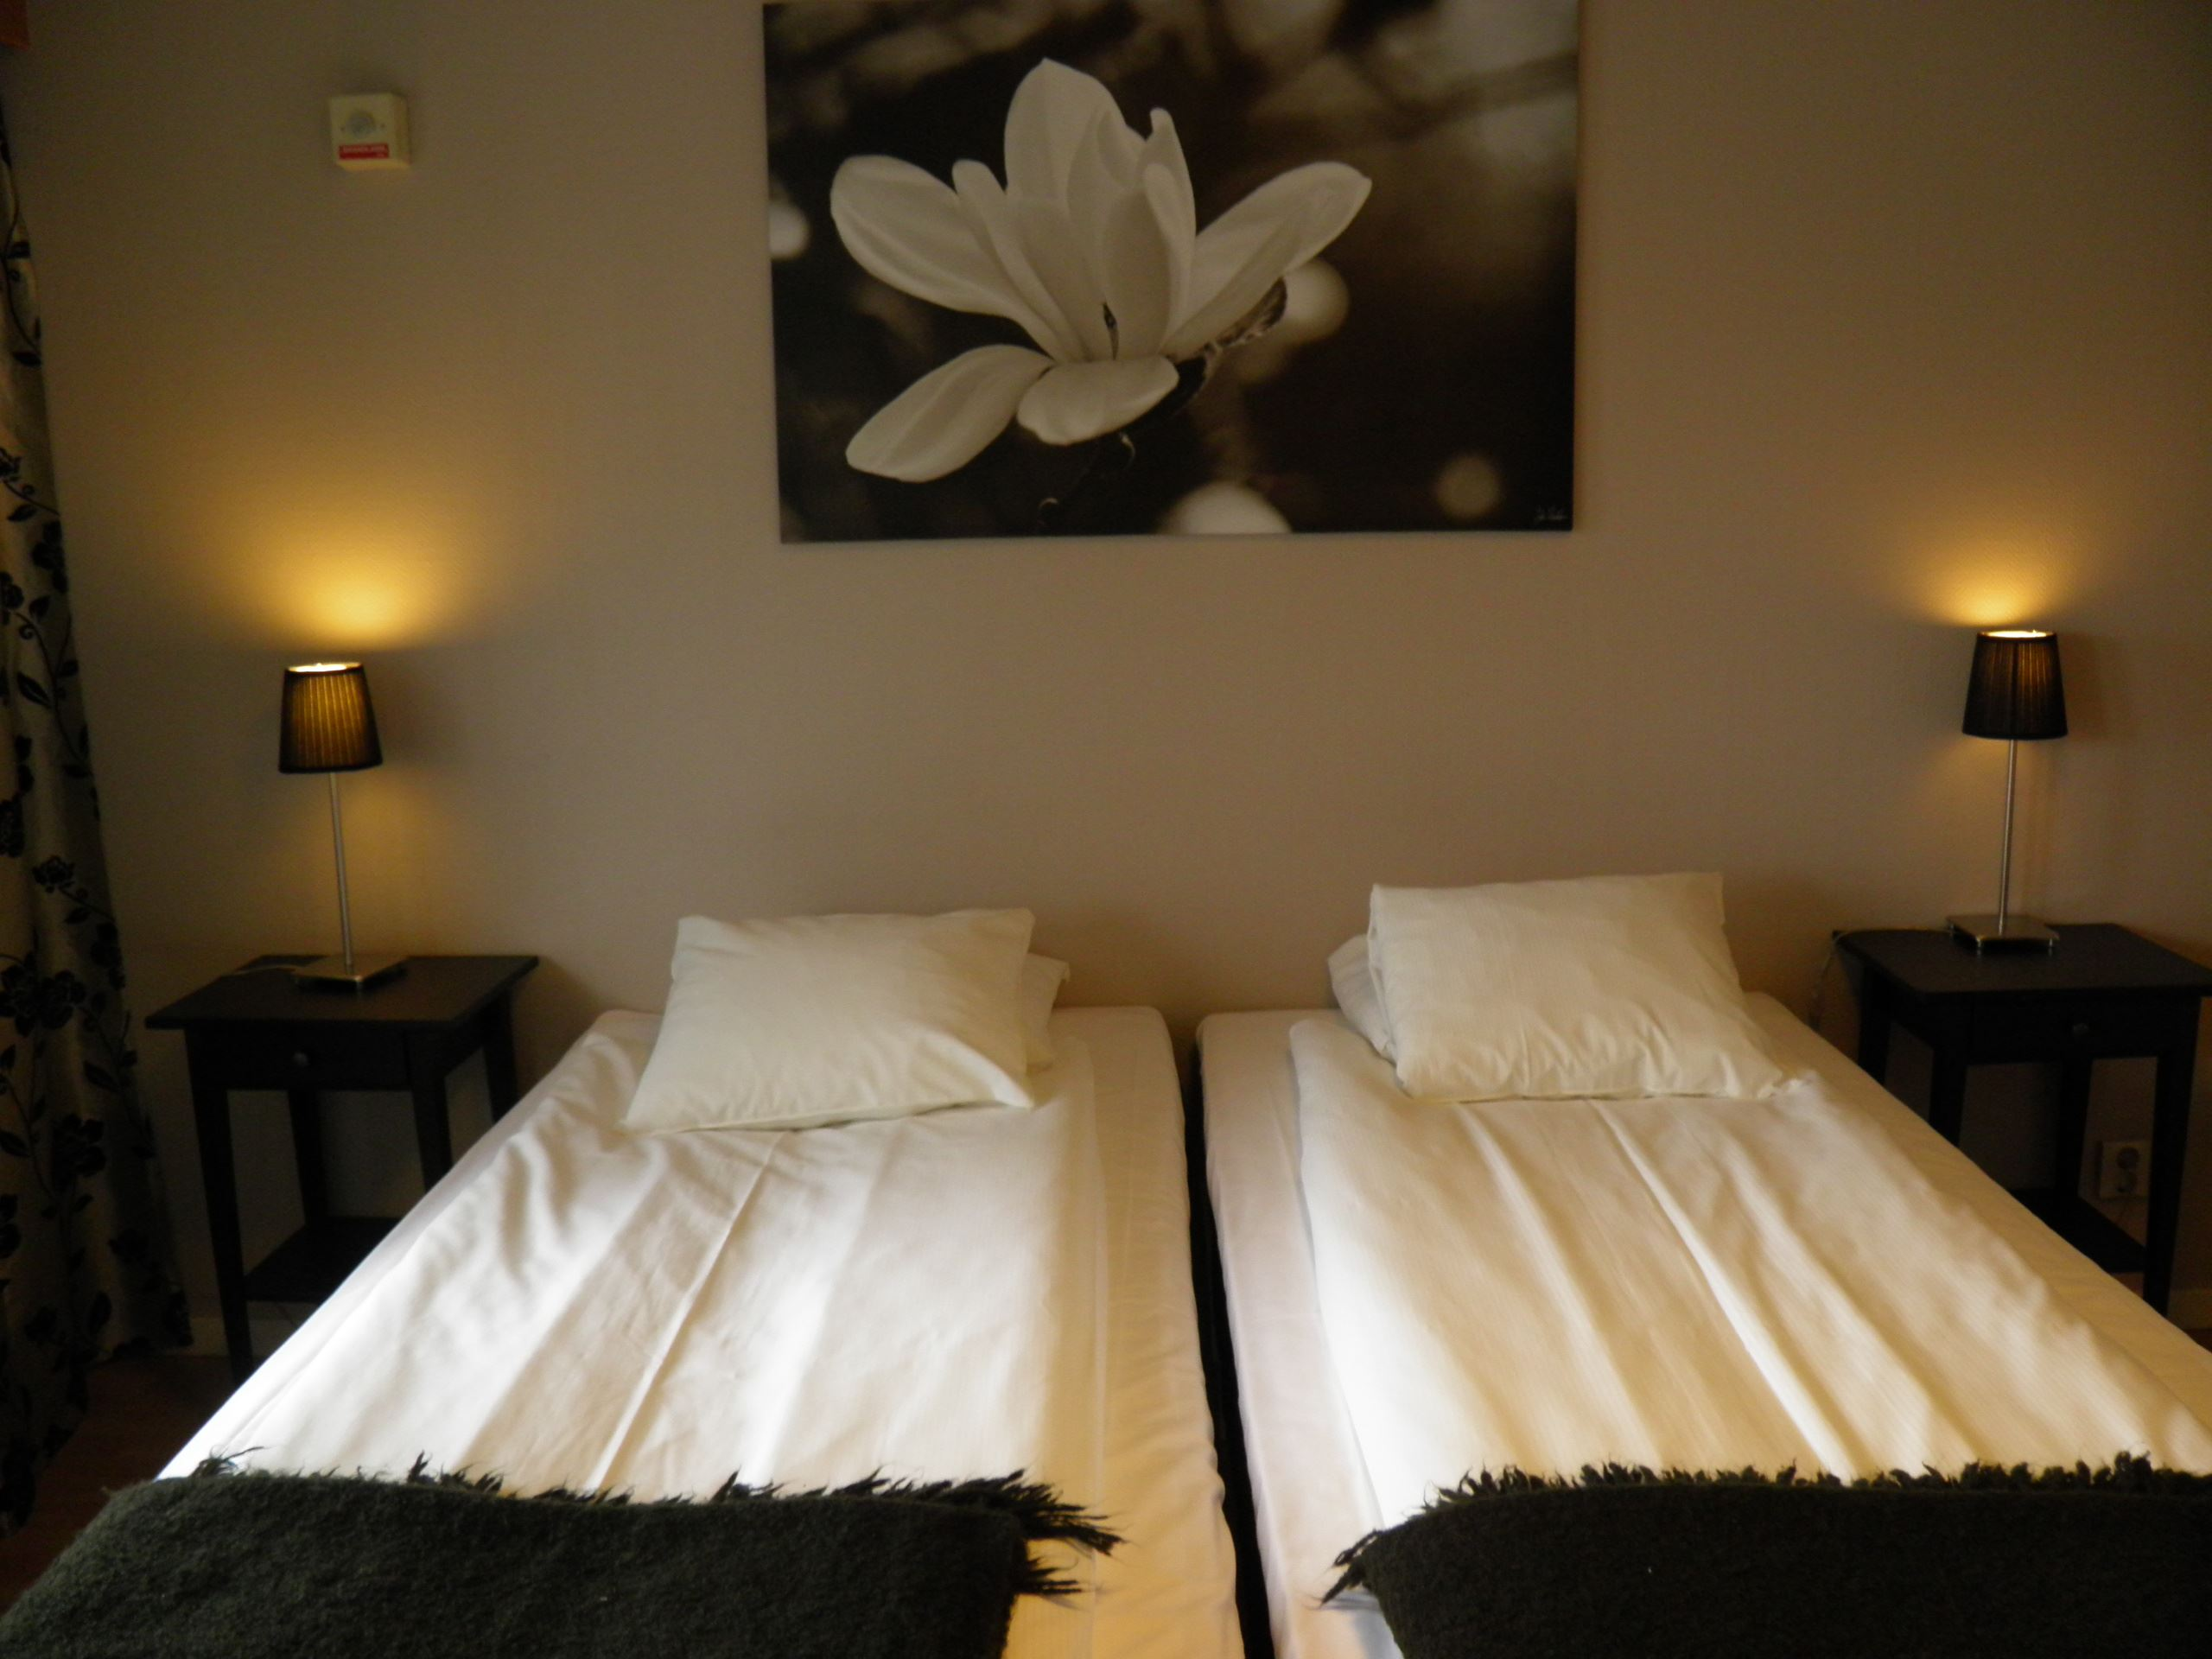 Euroway Hotel